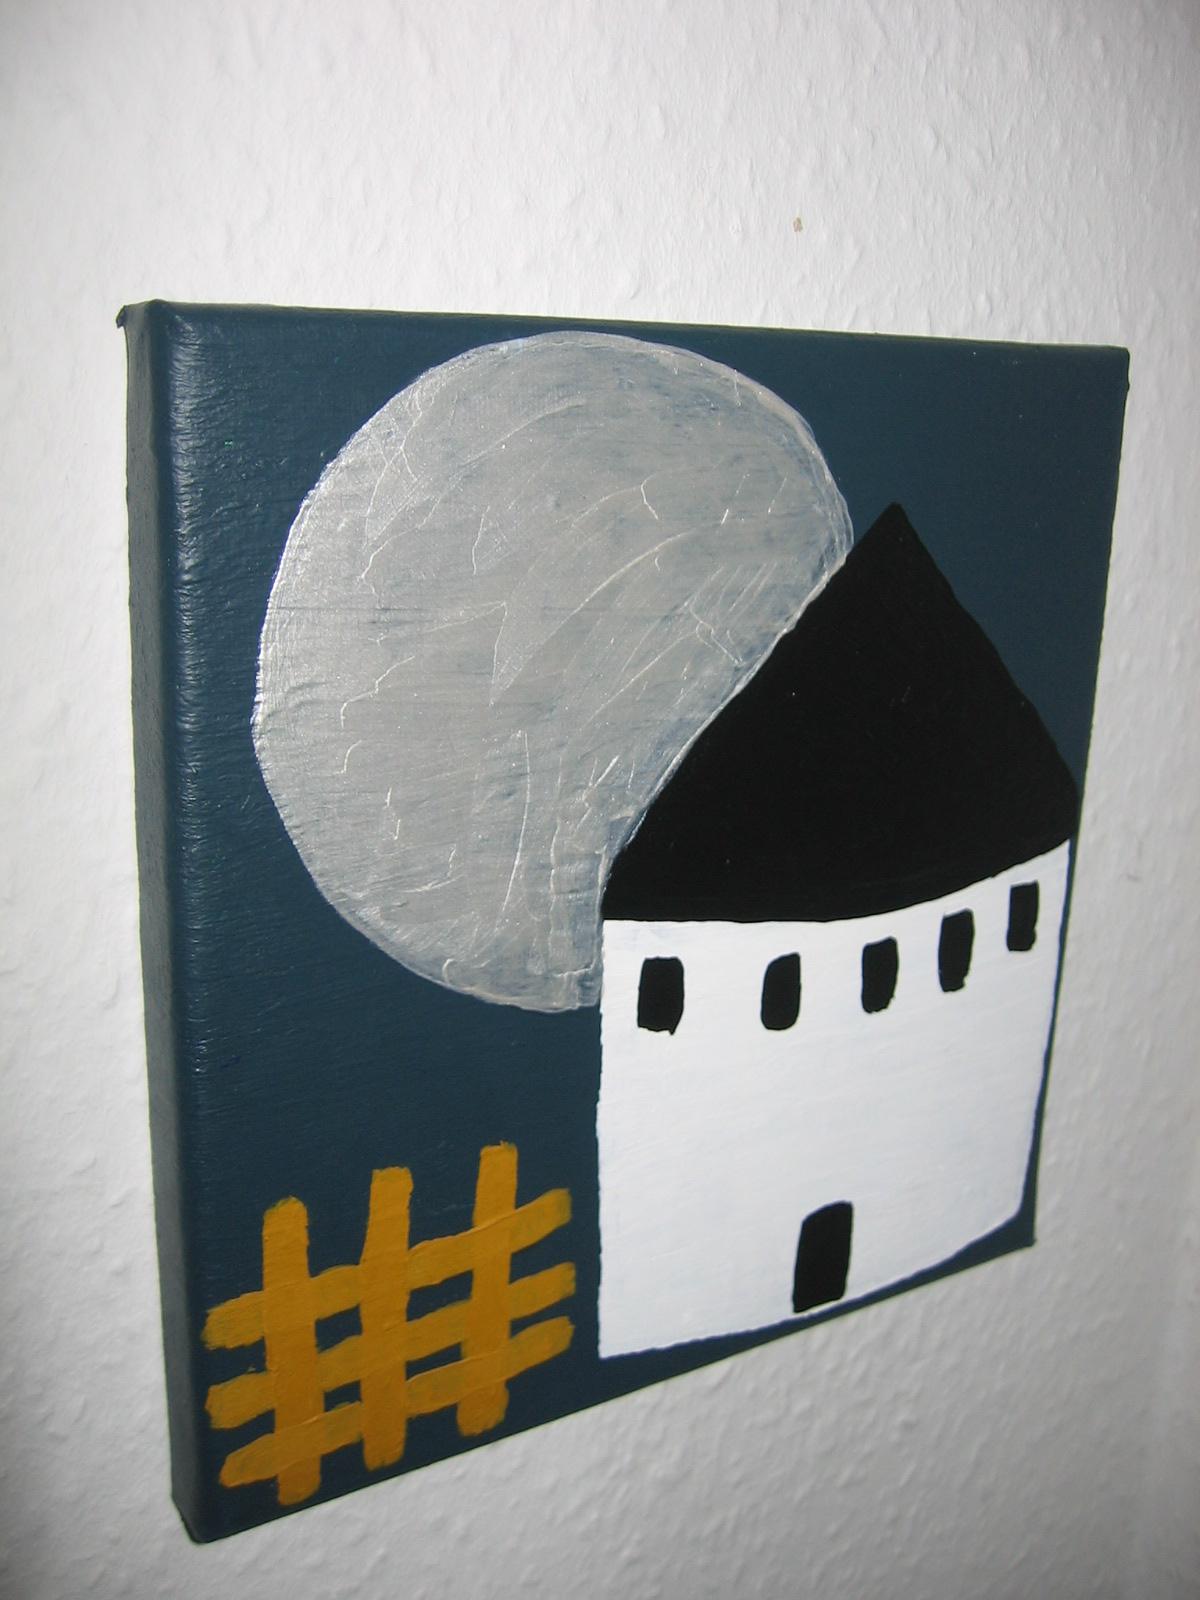 Rund Kirke 20x20 cm, 300 DKK, 2010